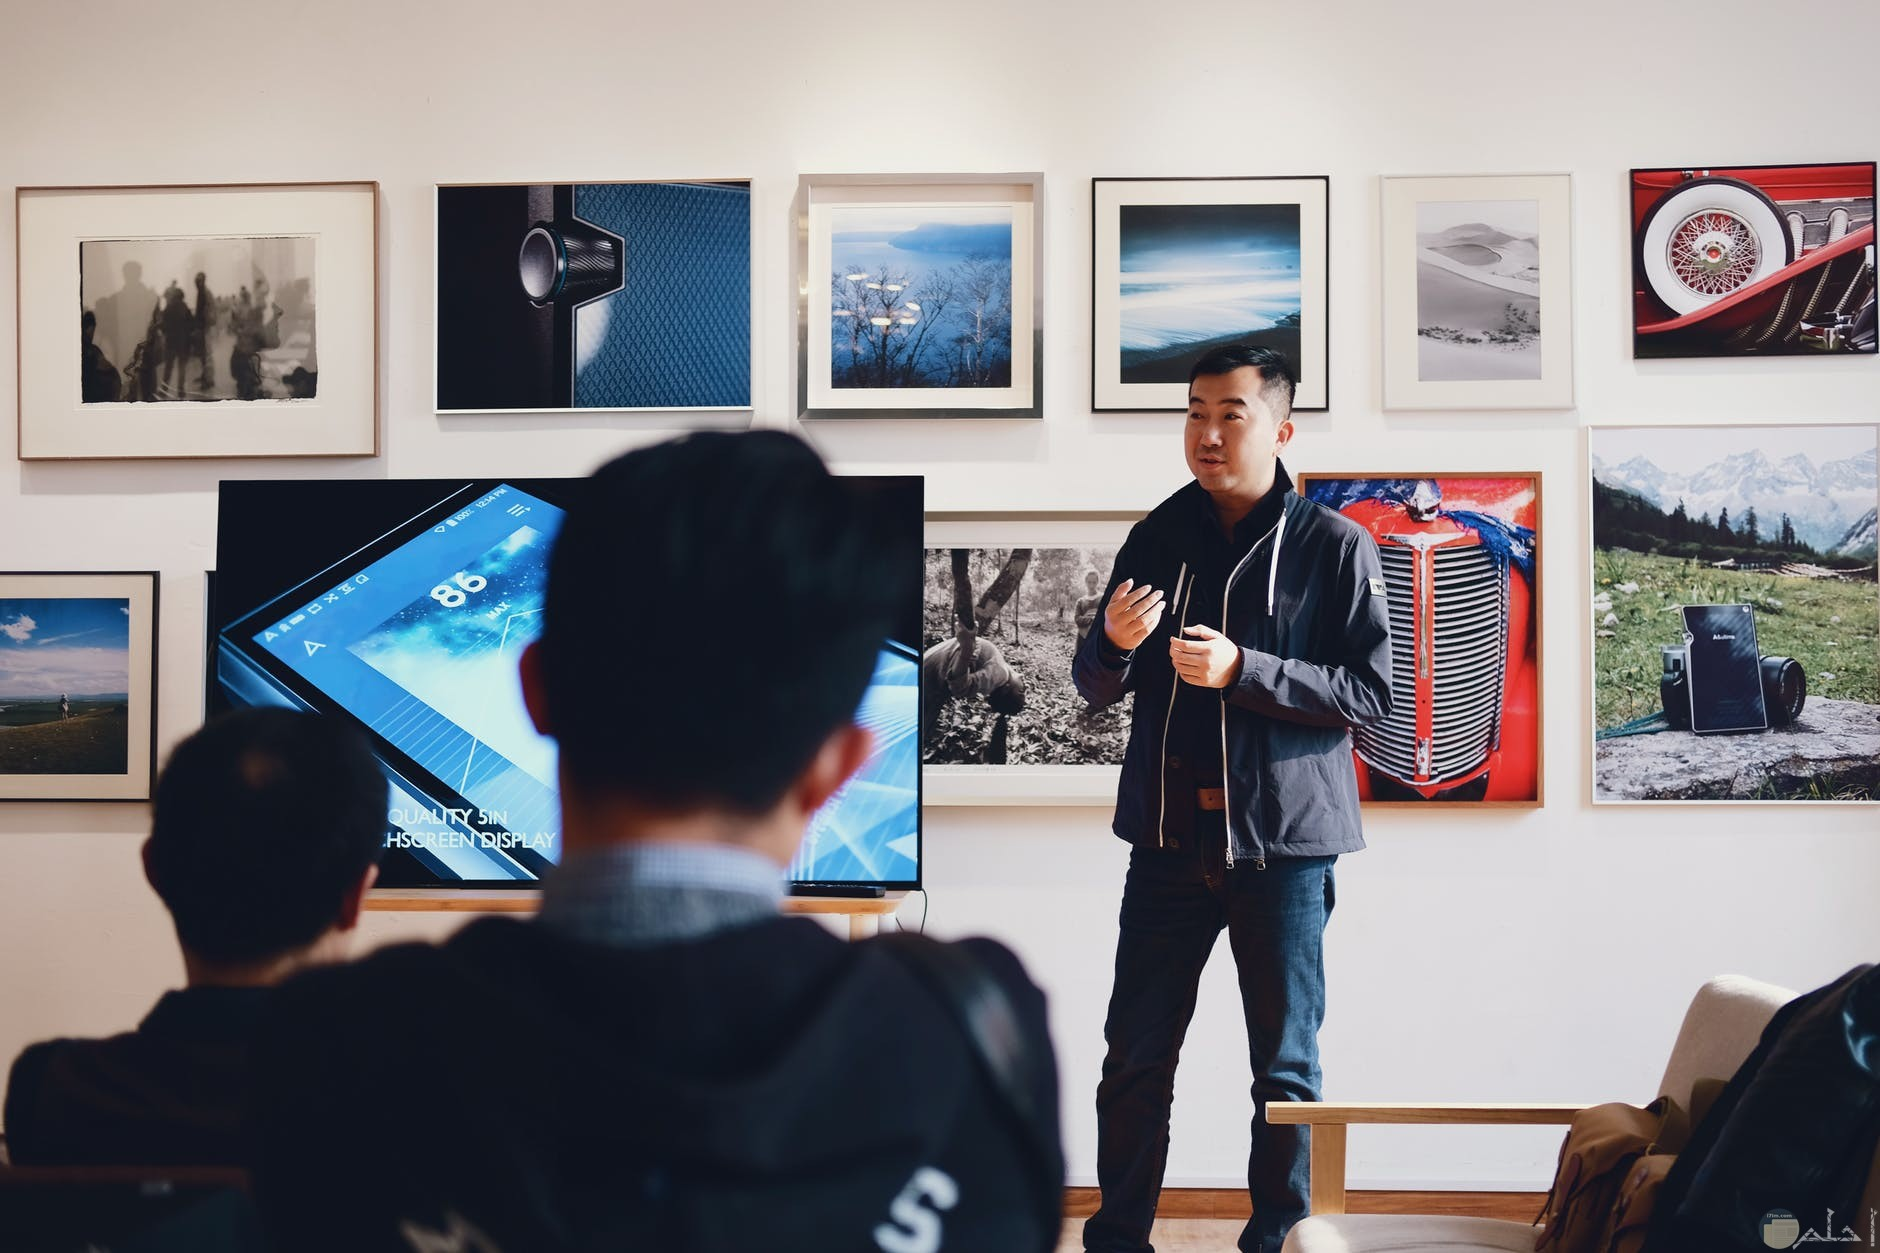 رجل ياباني يشرح للشباب في حجره بها جهاز ناقل للمعلومات والعديد من الصور علي الحائط